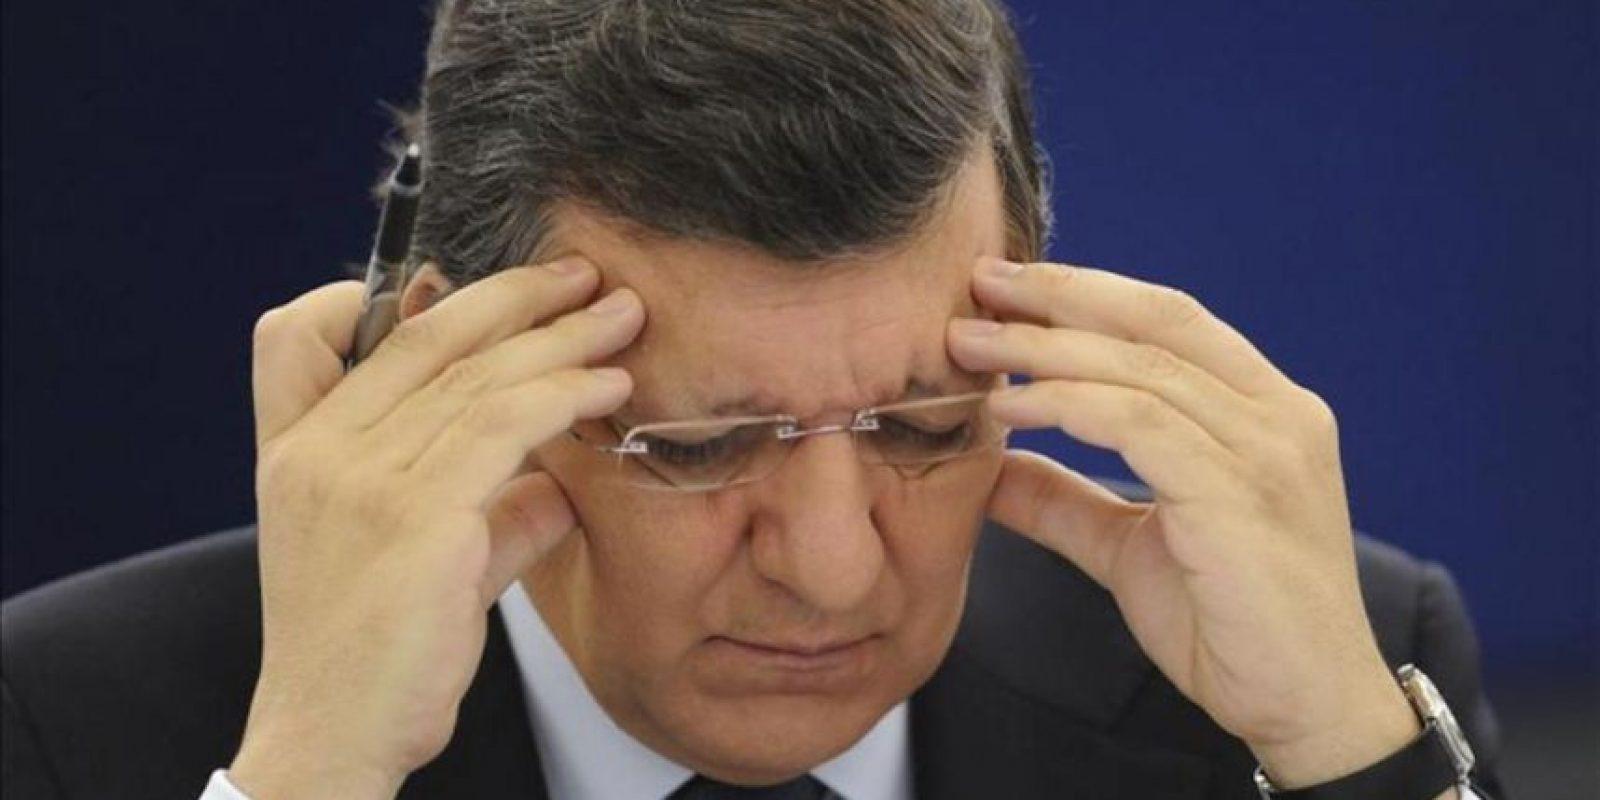 Representantes de la troika (BCE, FMI y CE) viajarán próximamente a Atenas, tras la formación del nuevo gobierno, para estudiar la posibilidad de ayudar a Grecia a cumplir con el programa de rescate. Así lo anunció hoy en Los Cabos (México) el presidente de la Comisión Europea, Jose Manuel Durao Barroso. EFE/archivo